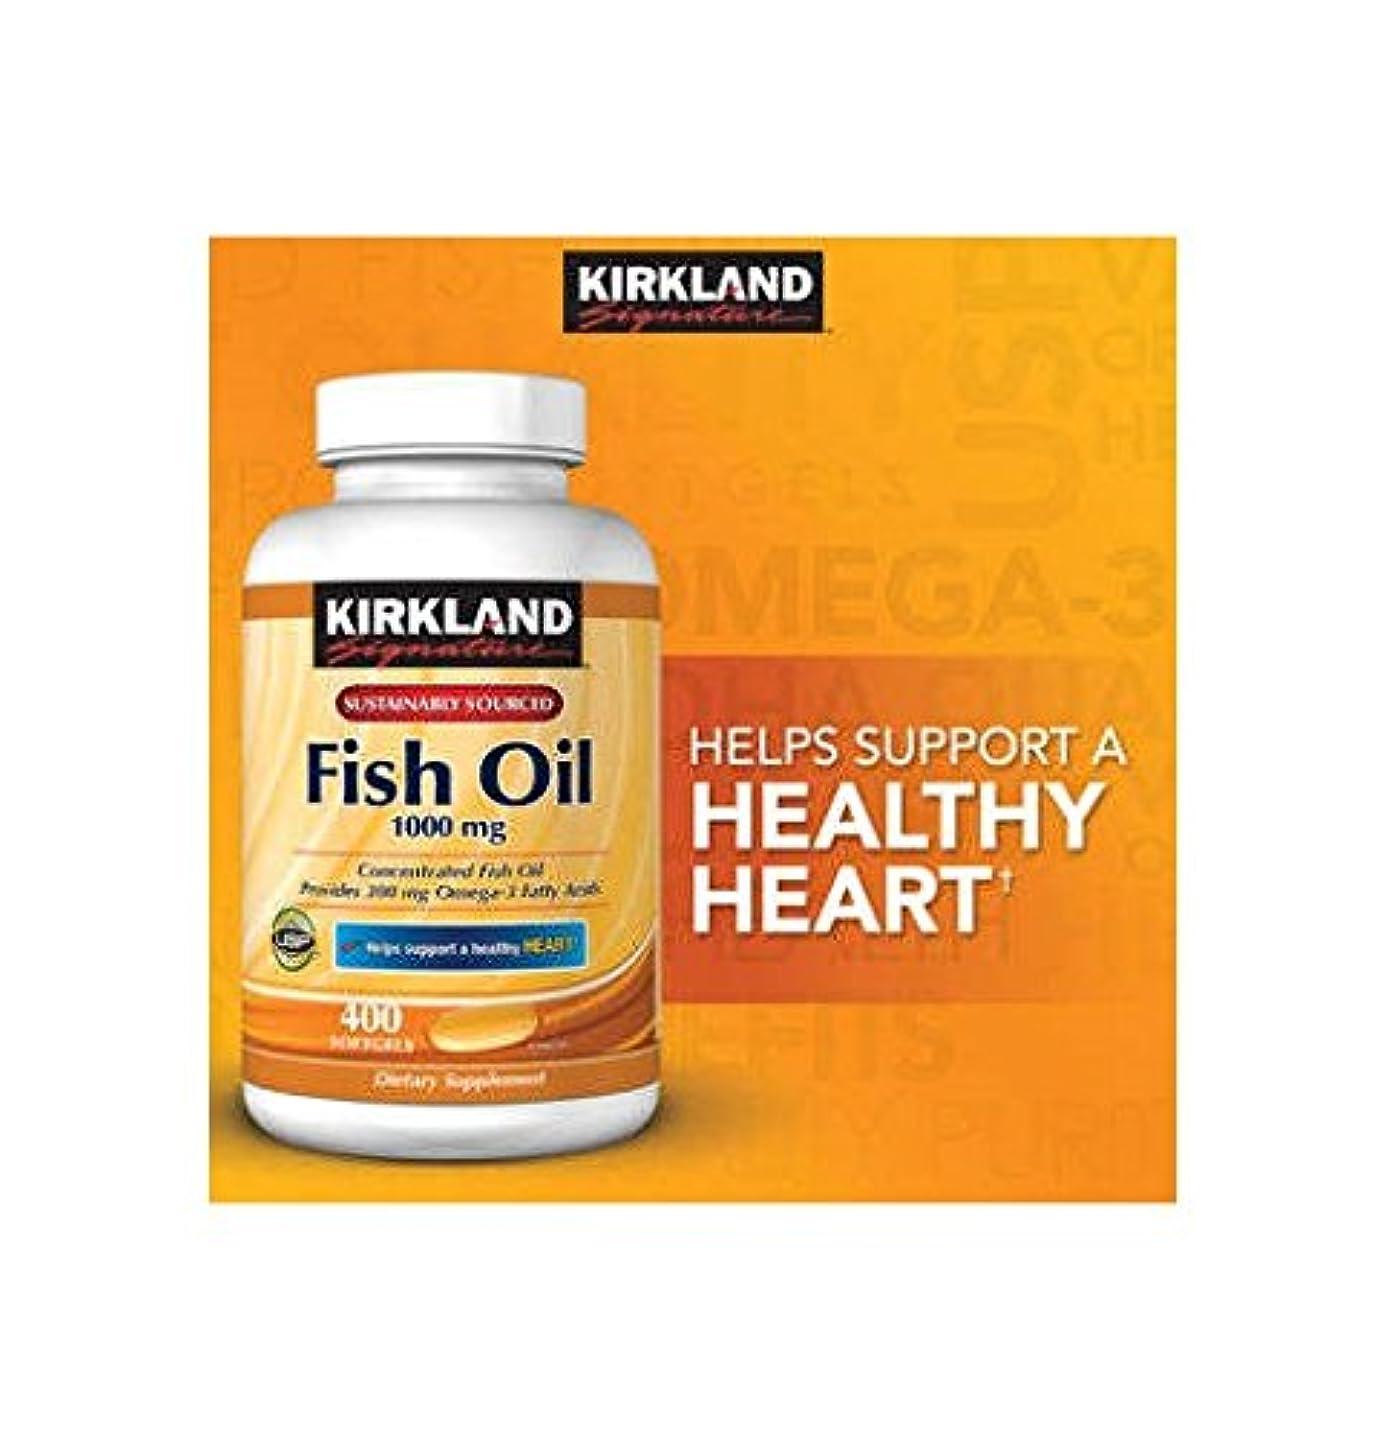 クラックポット十分にダイヤルKirkland Signature Omega-3 Fish Oil Concentrate, 400 Softgels, 1000 mg Fish Oil with 30% Omega-3s (300 mg) 1200...